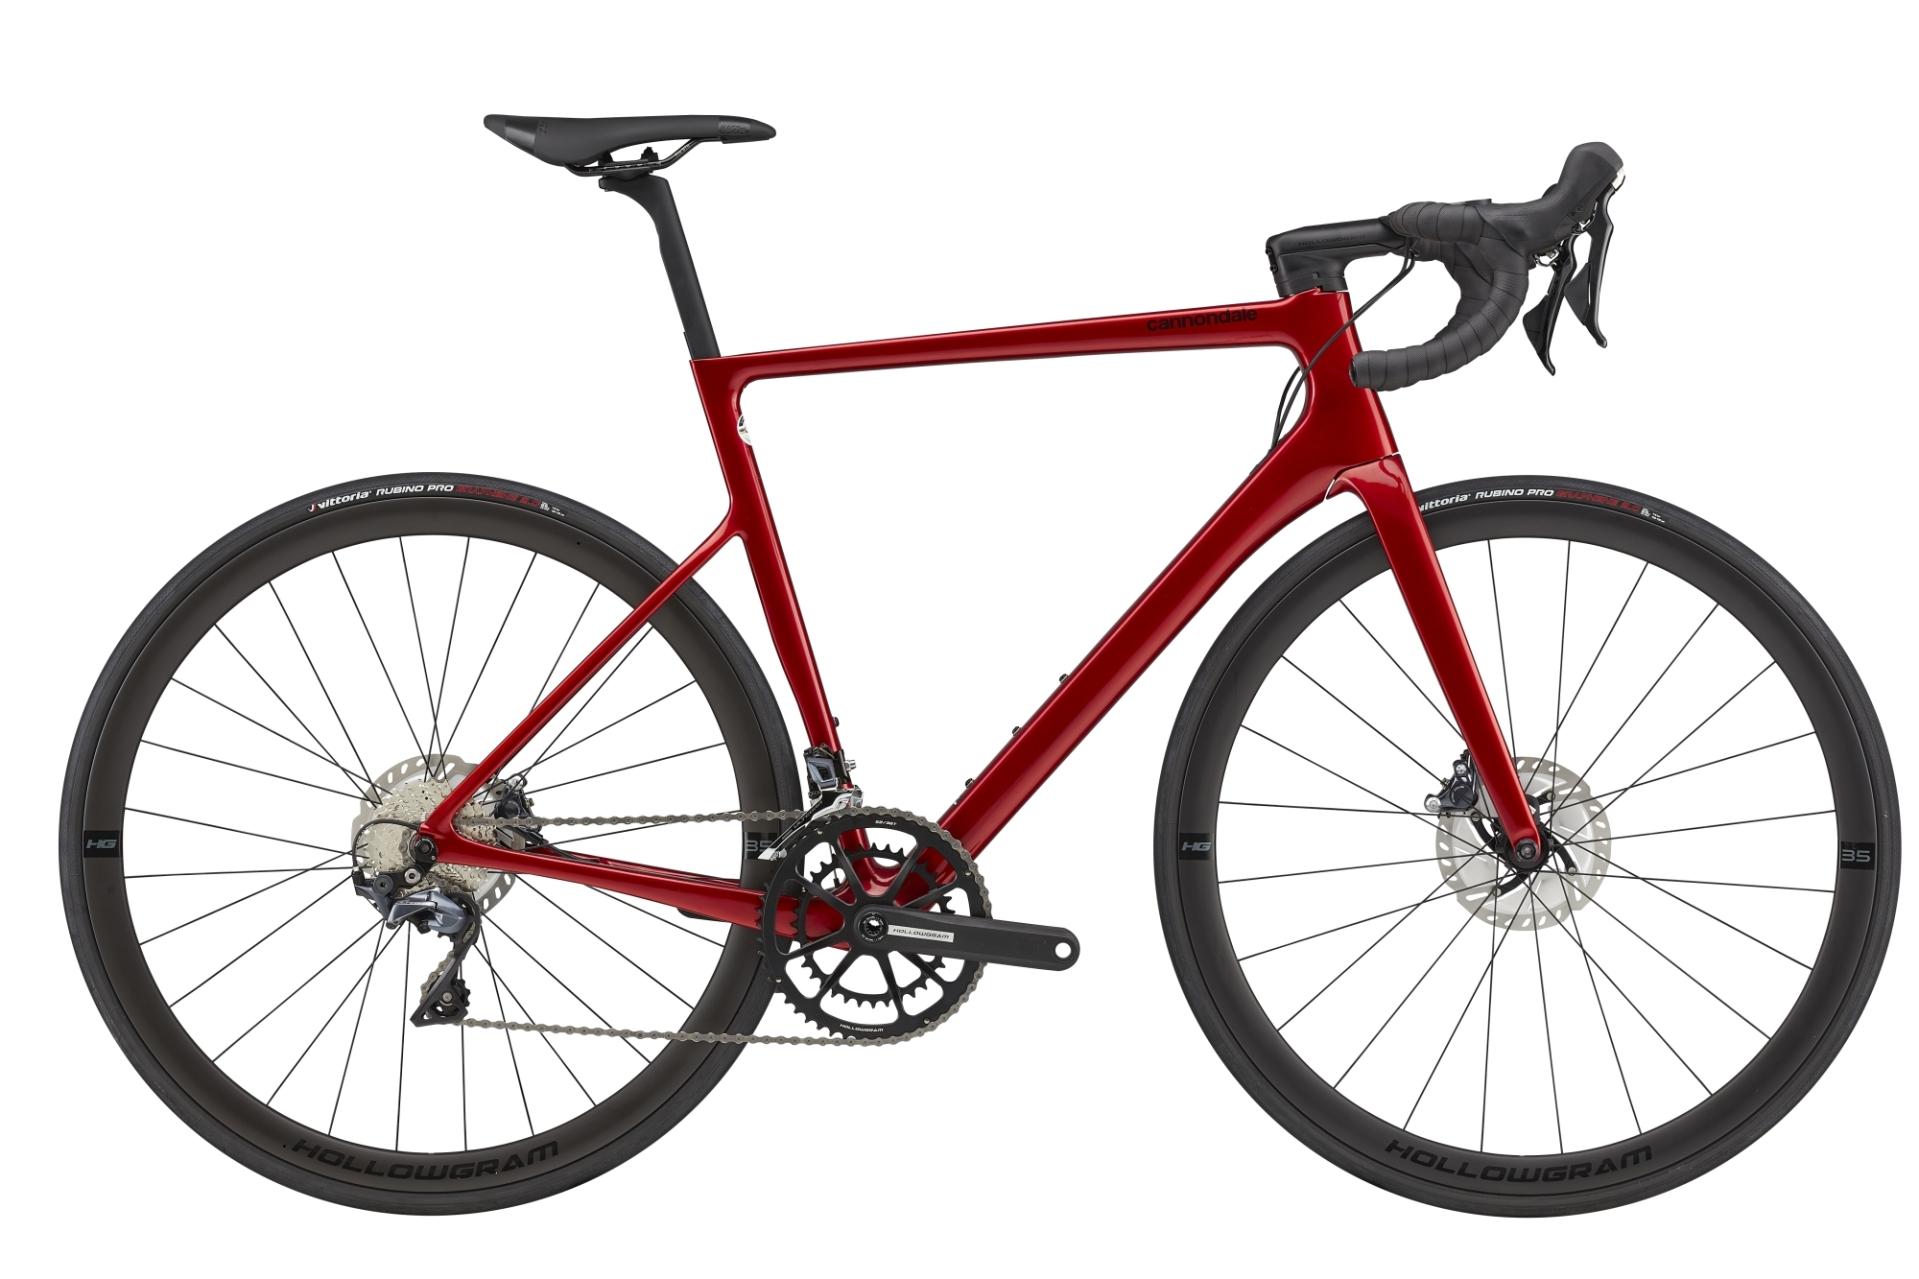 Cannondale SuperSix Evo HM Disc Ultegra országúti kerékpár - piros - 51 cm (2021)